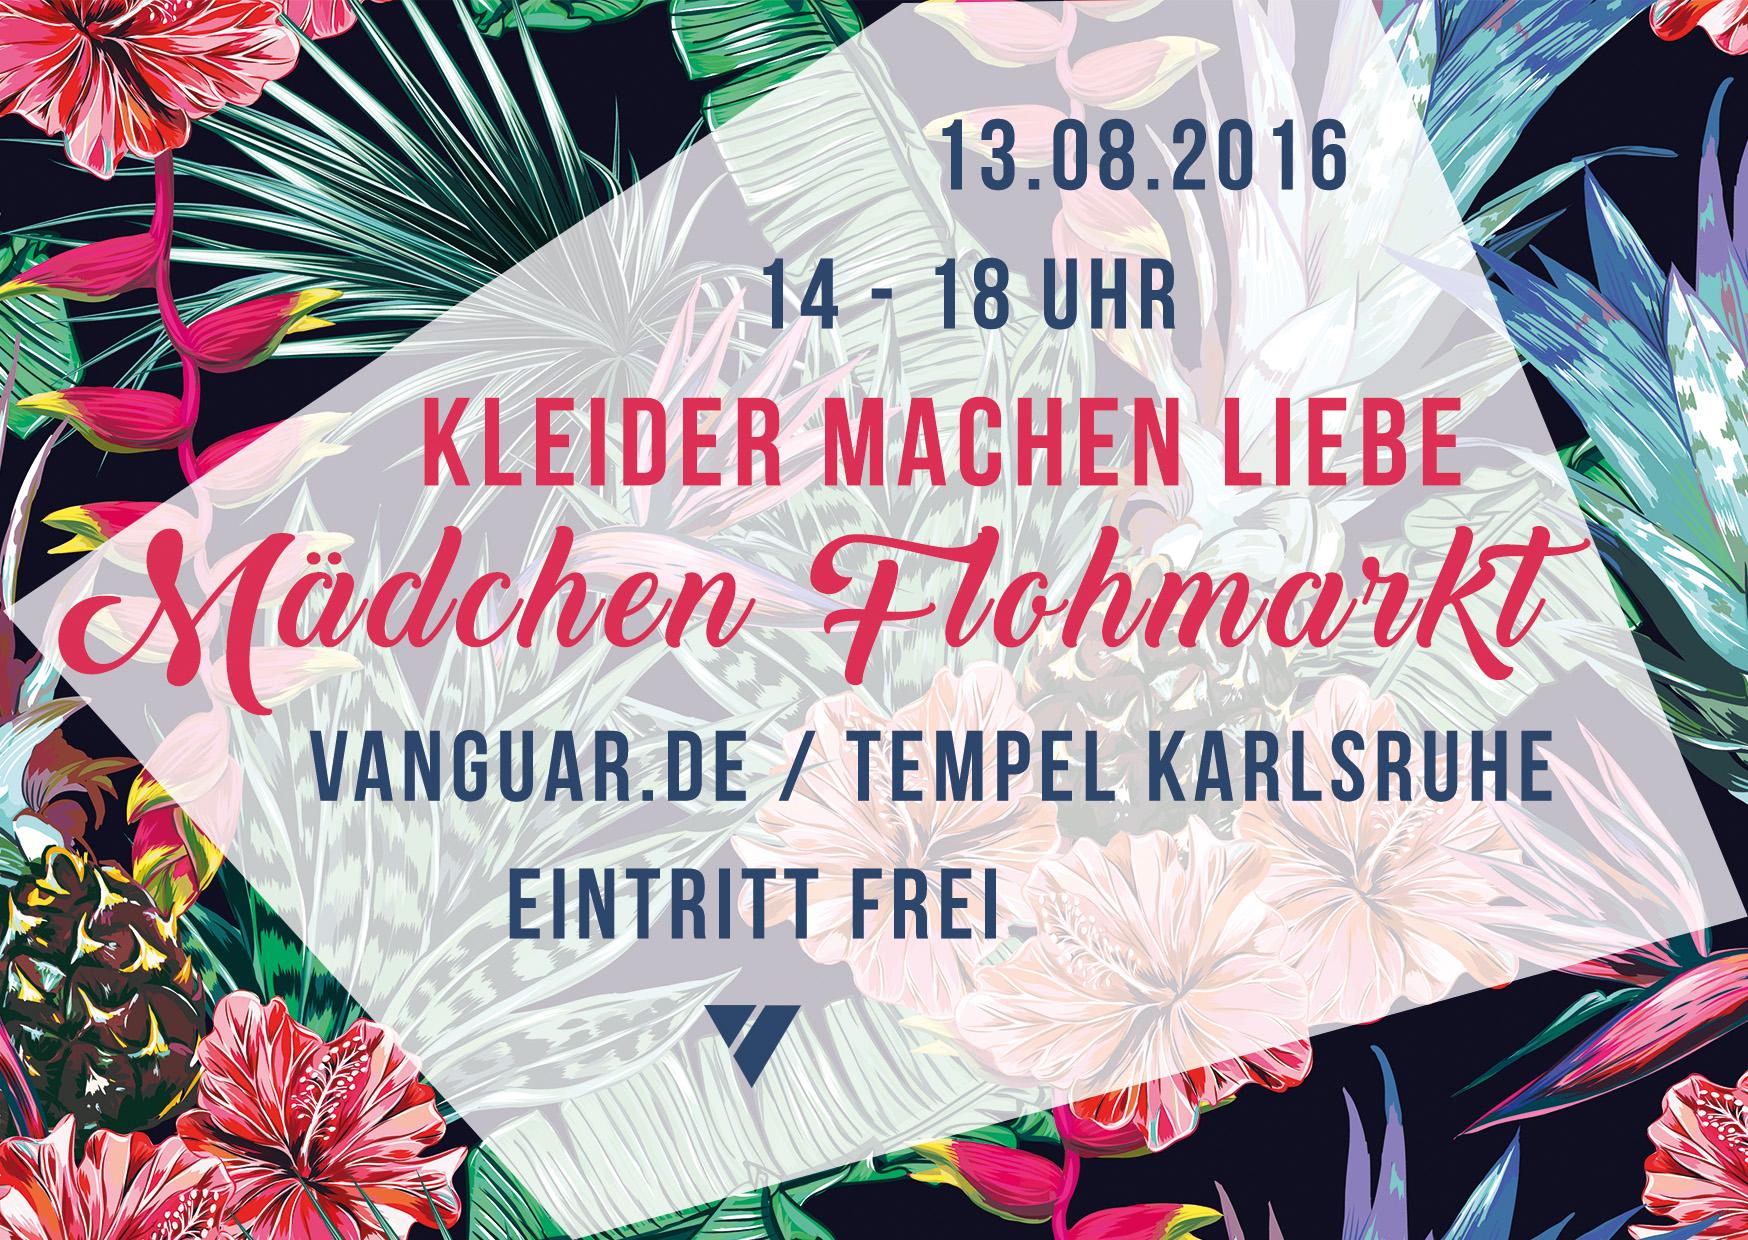 13.08.2016 | KLEIDER MACHEN LIEBE Mädchenflohmarkt // Eintritt frei!